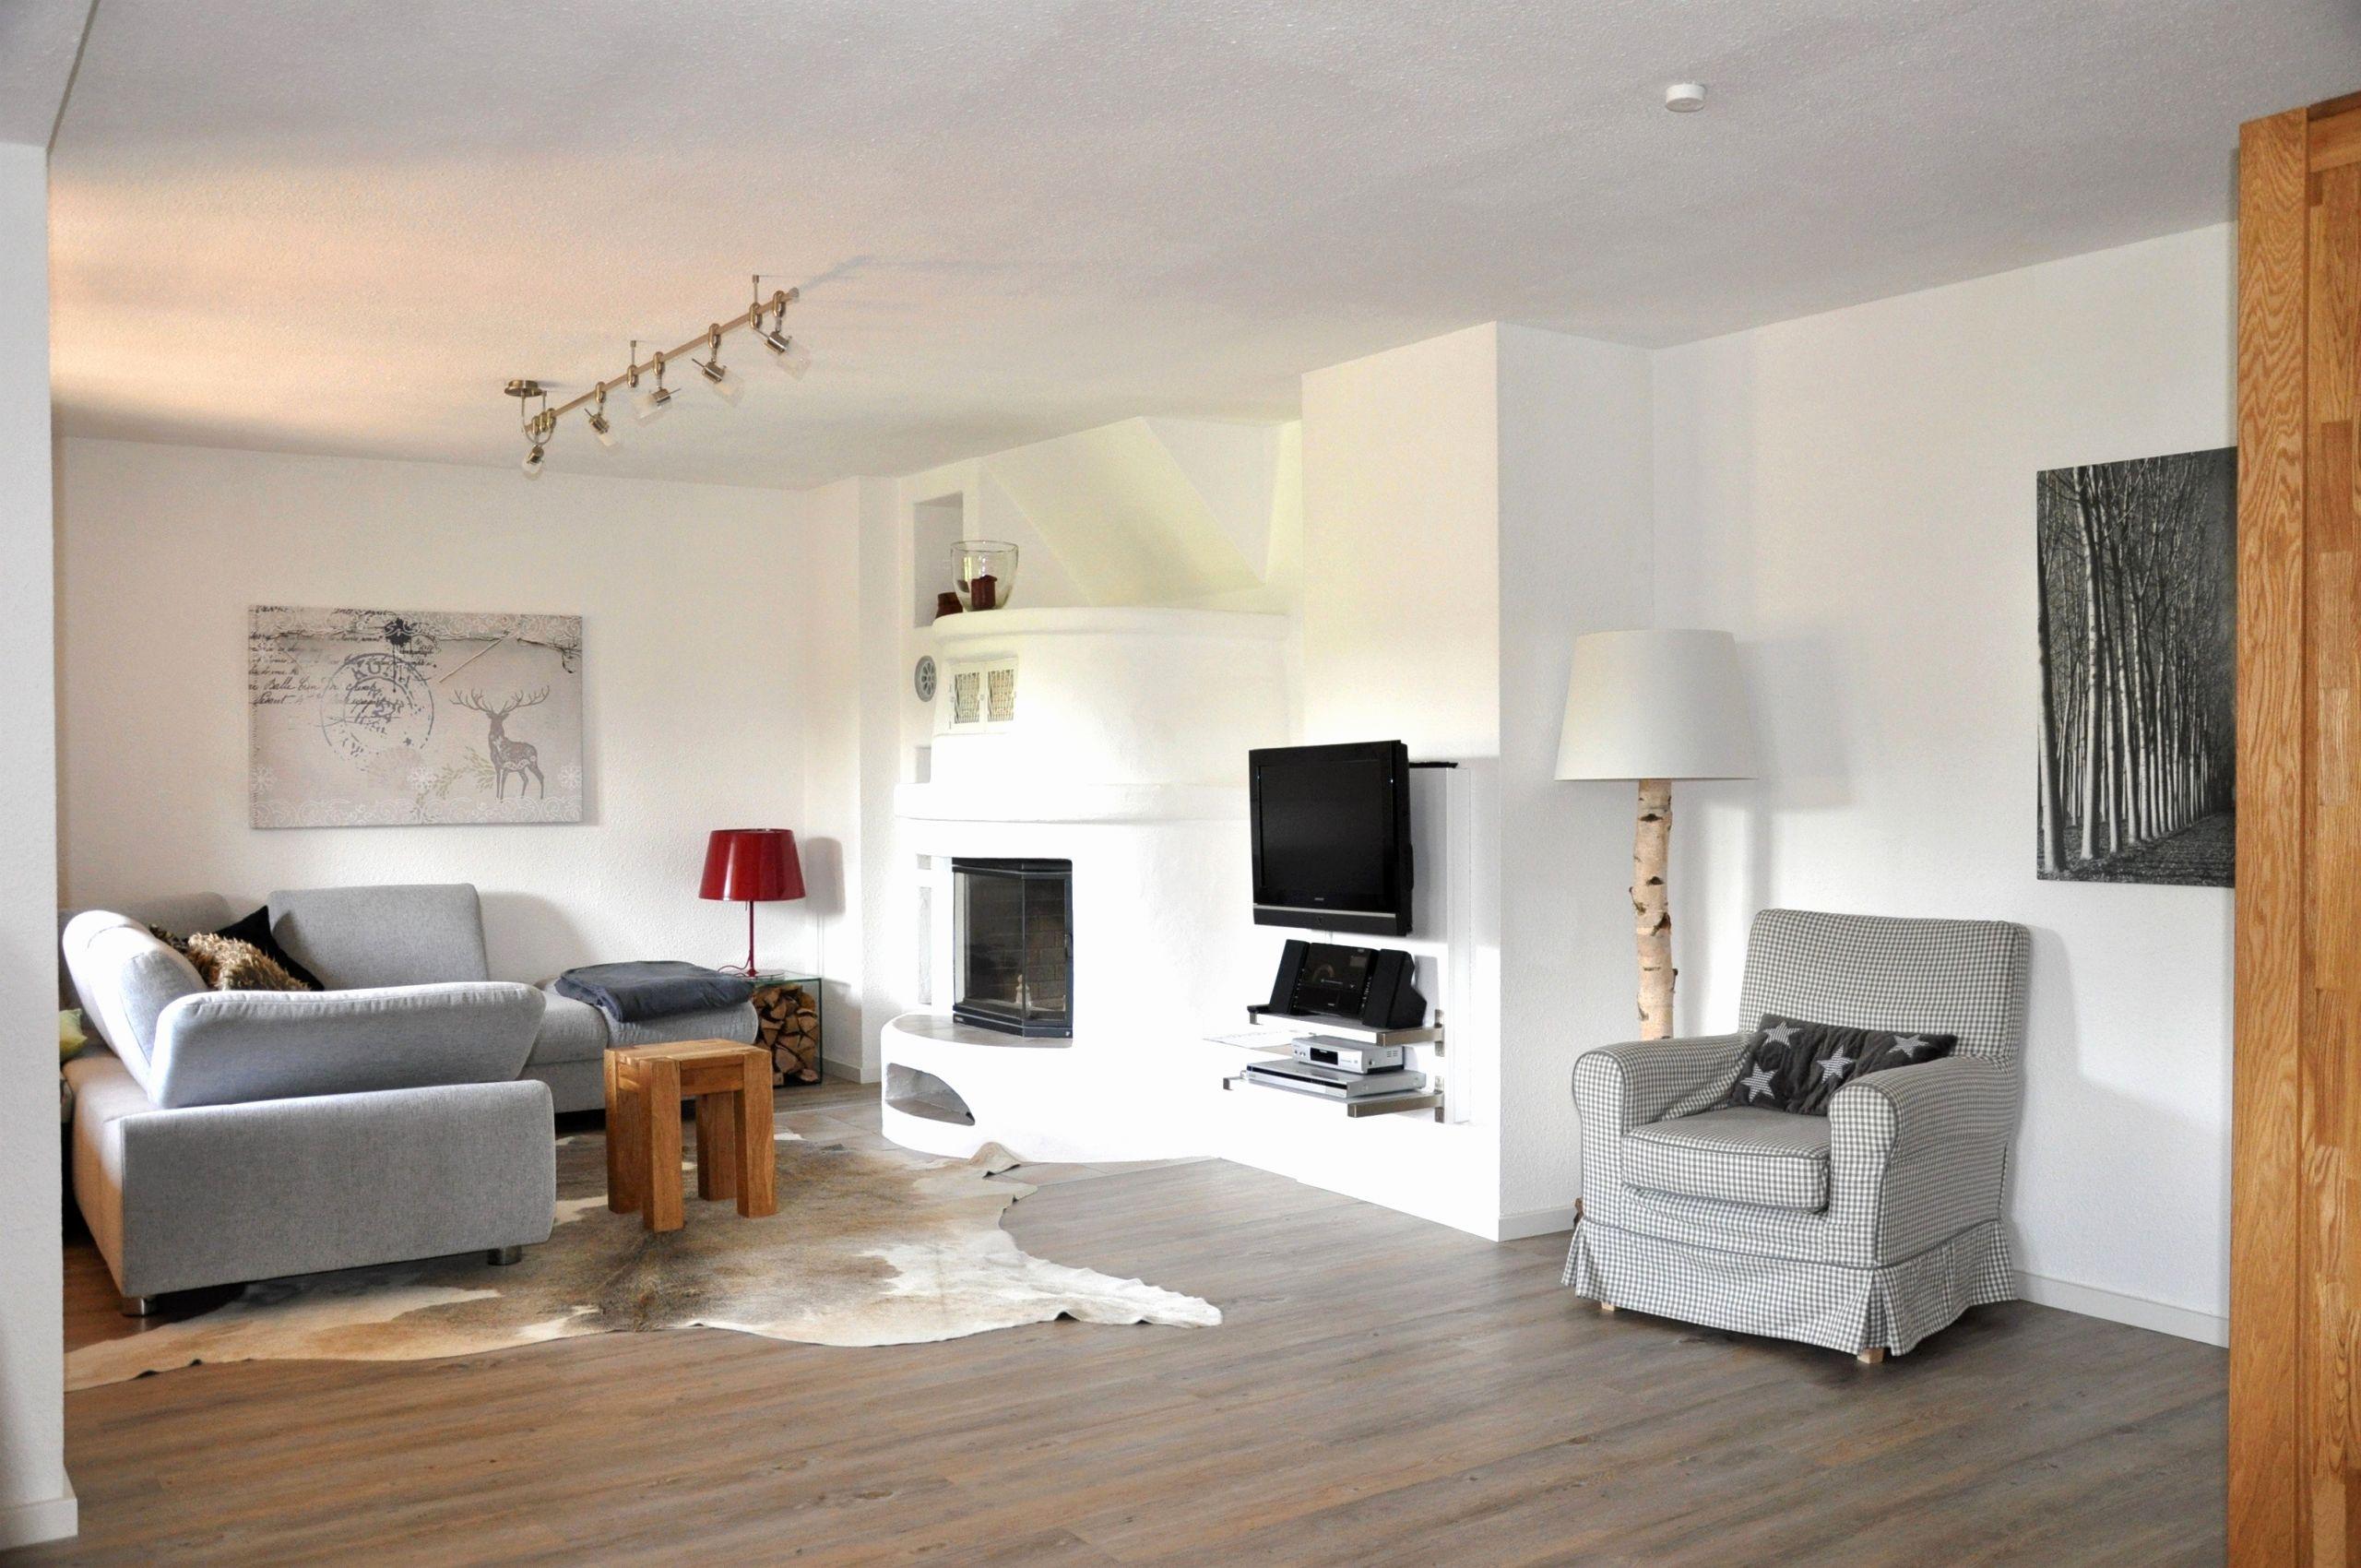 wohnzimmer deko kamin luxus kamin wohnzimmer modern schon scheibengardinen modern wohnzimmer of wohnzimmer deko kamin